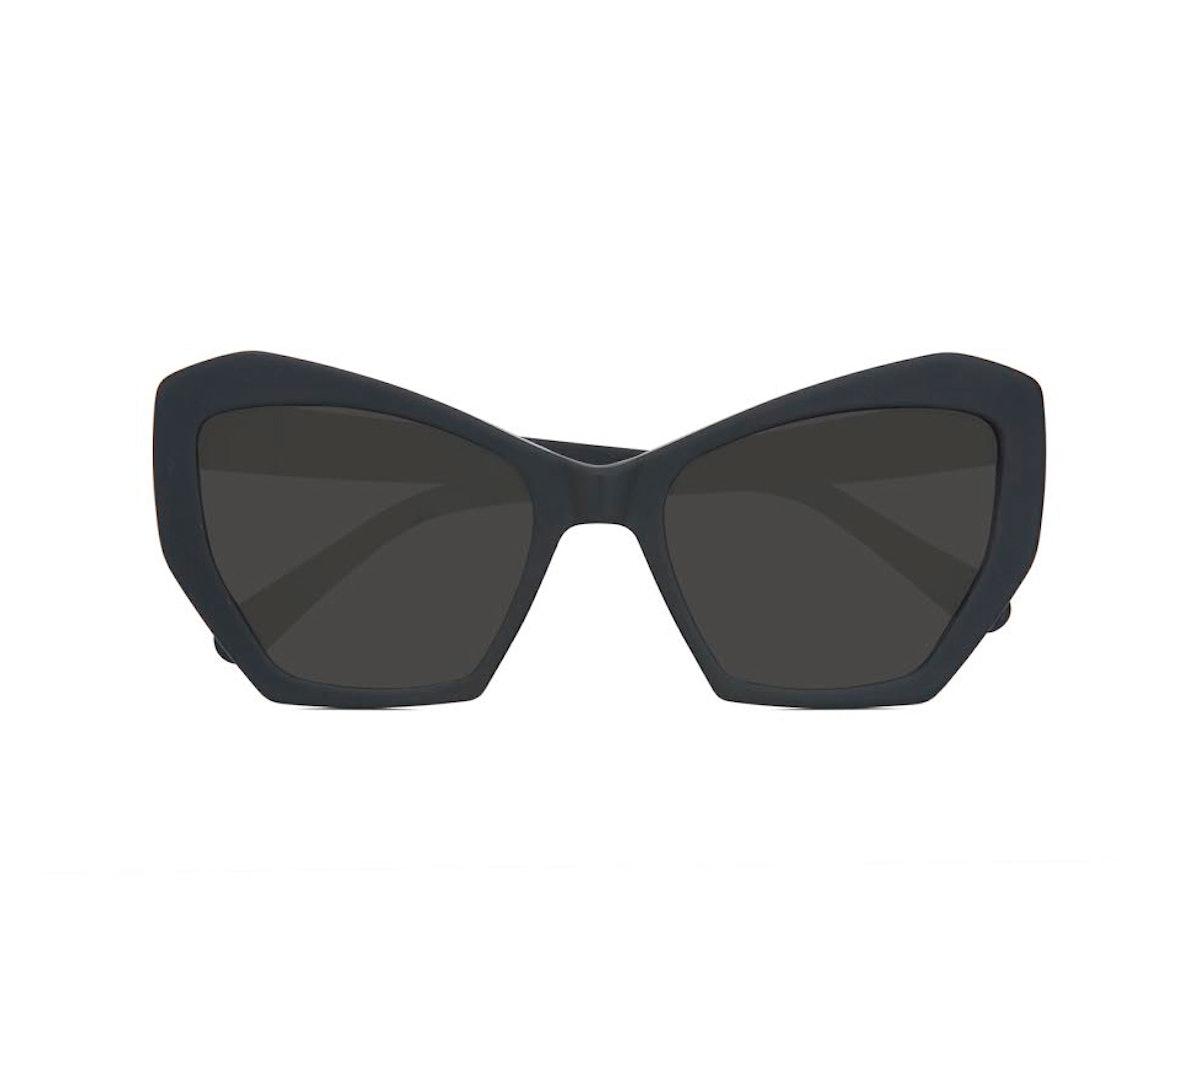 Prism sunglasses